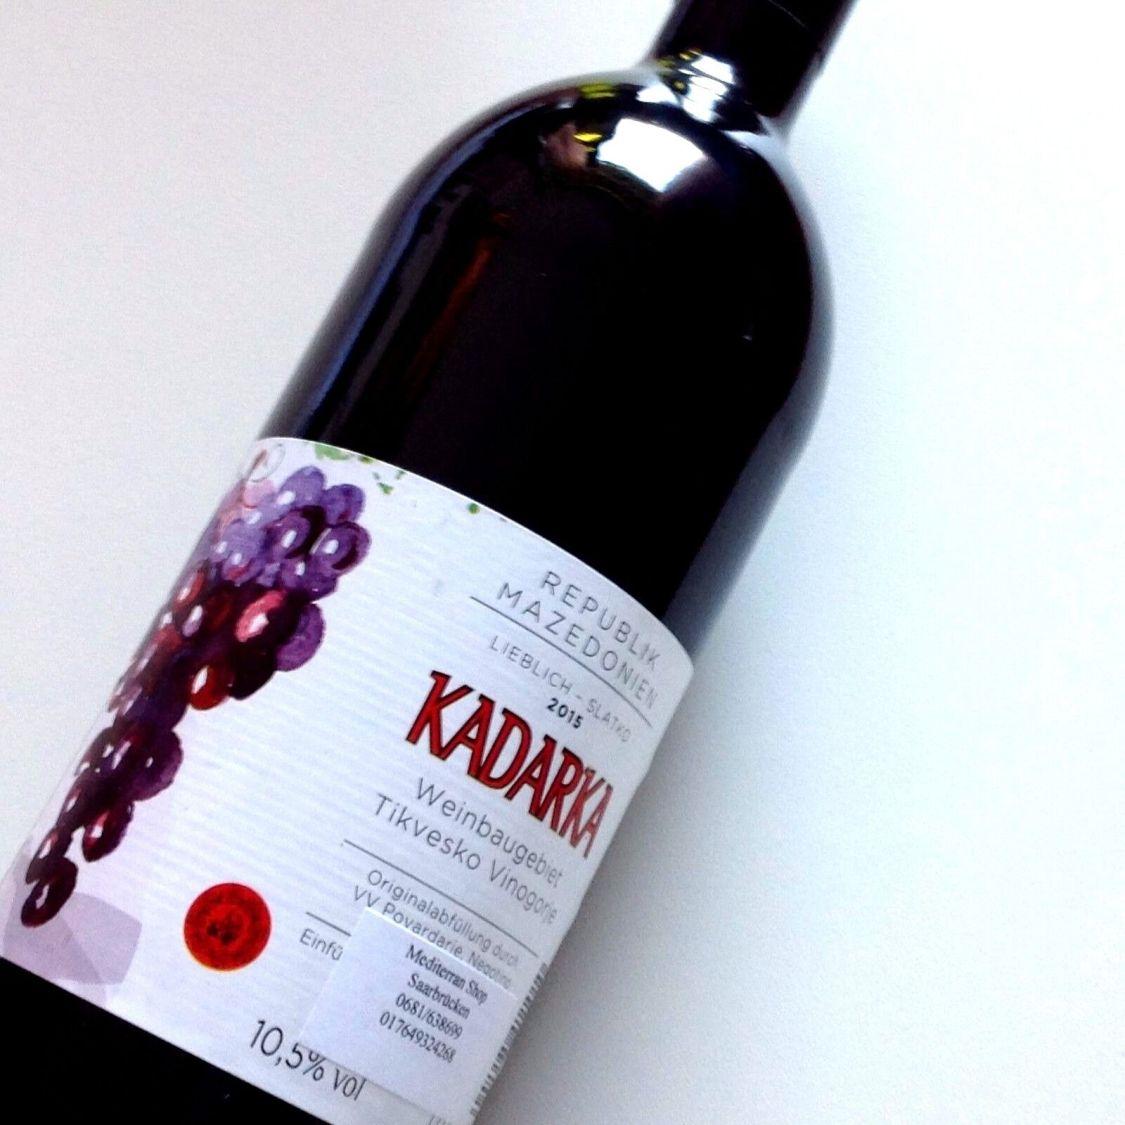 6 L Mazedonischer Kadarka   Rotwein Qwmgh-10,5%Alk. lieblich -Mazedonien